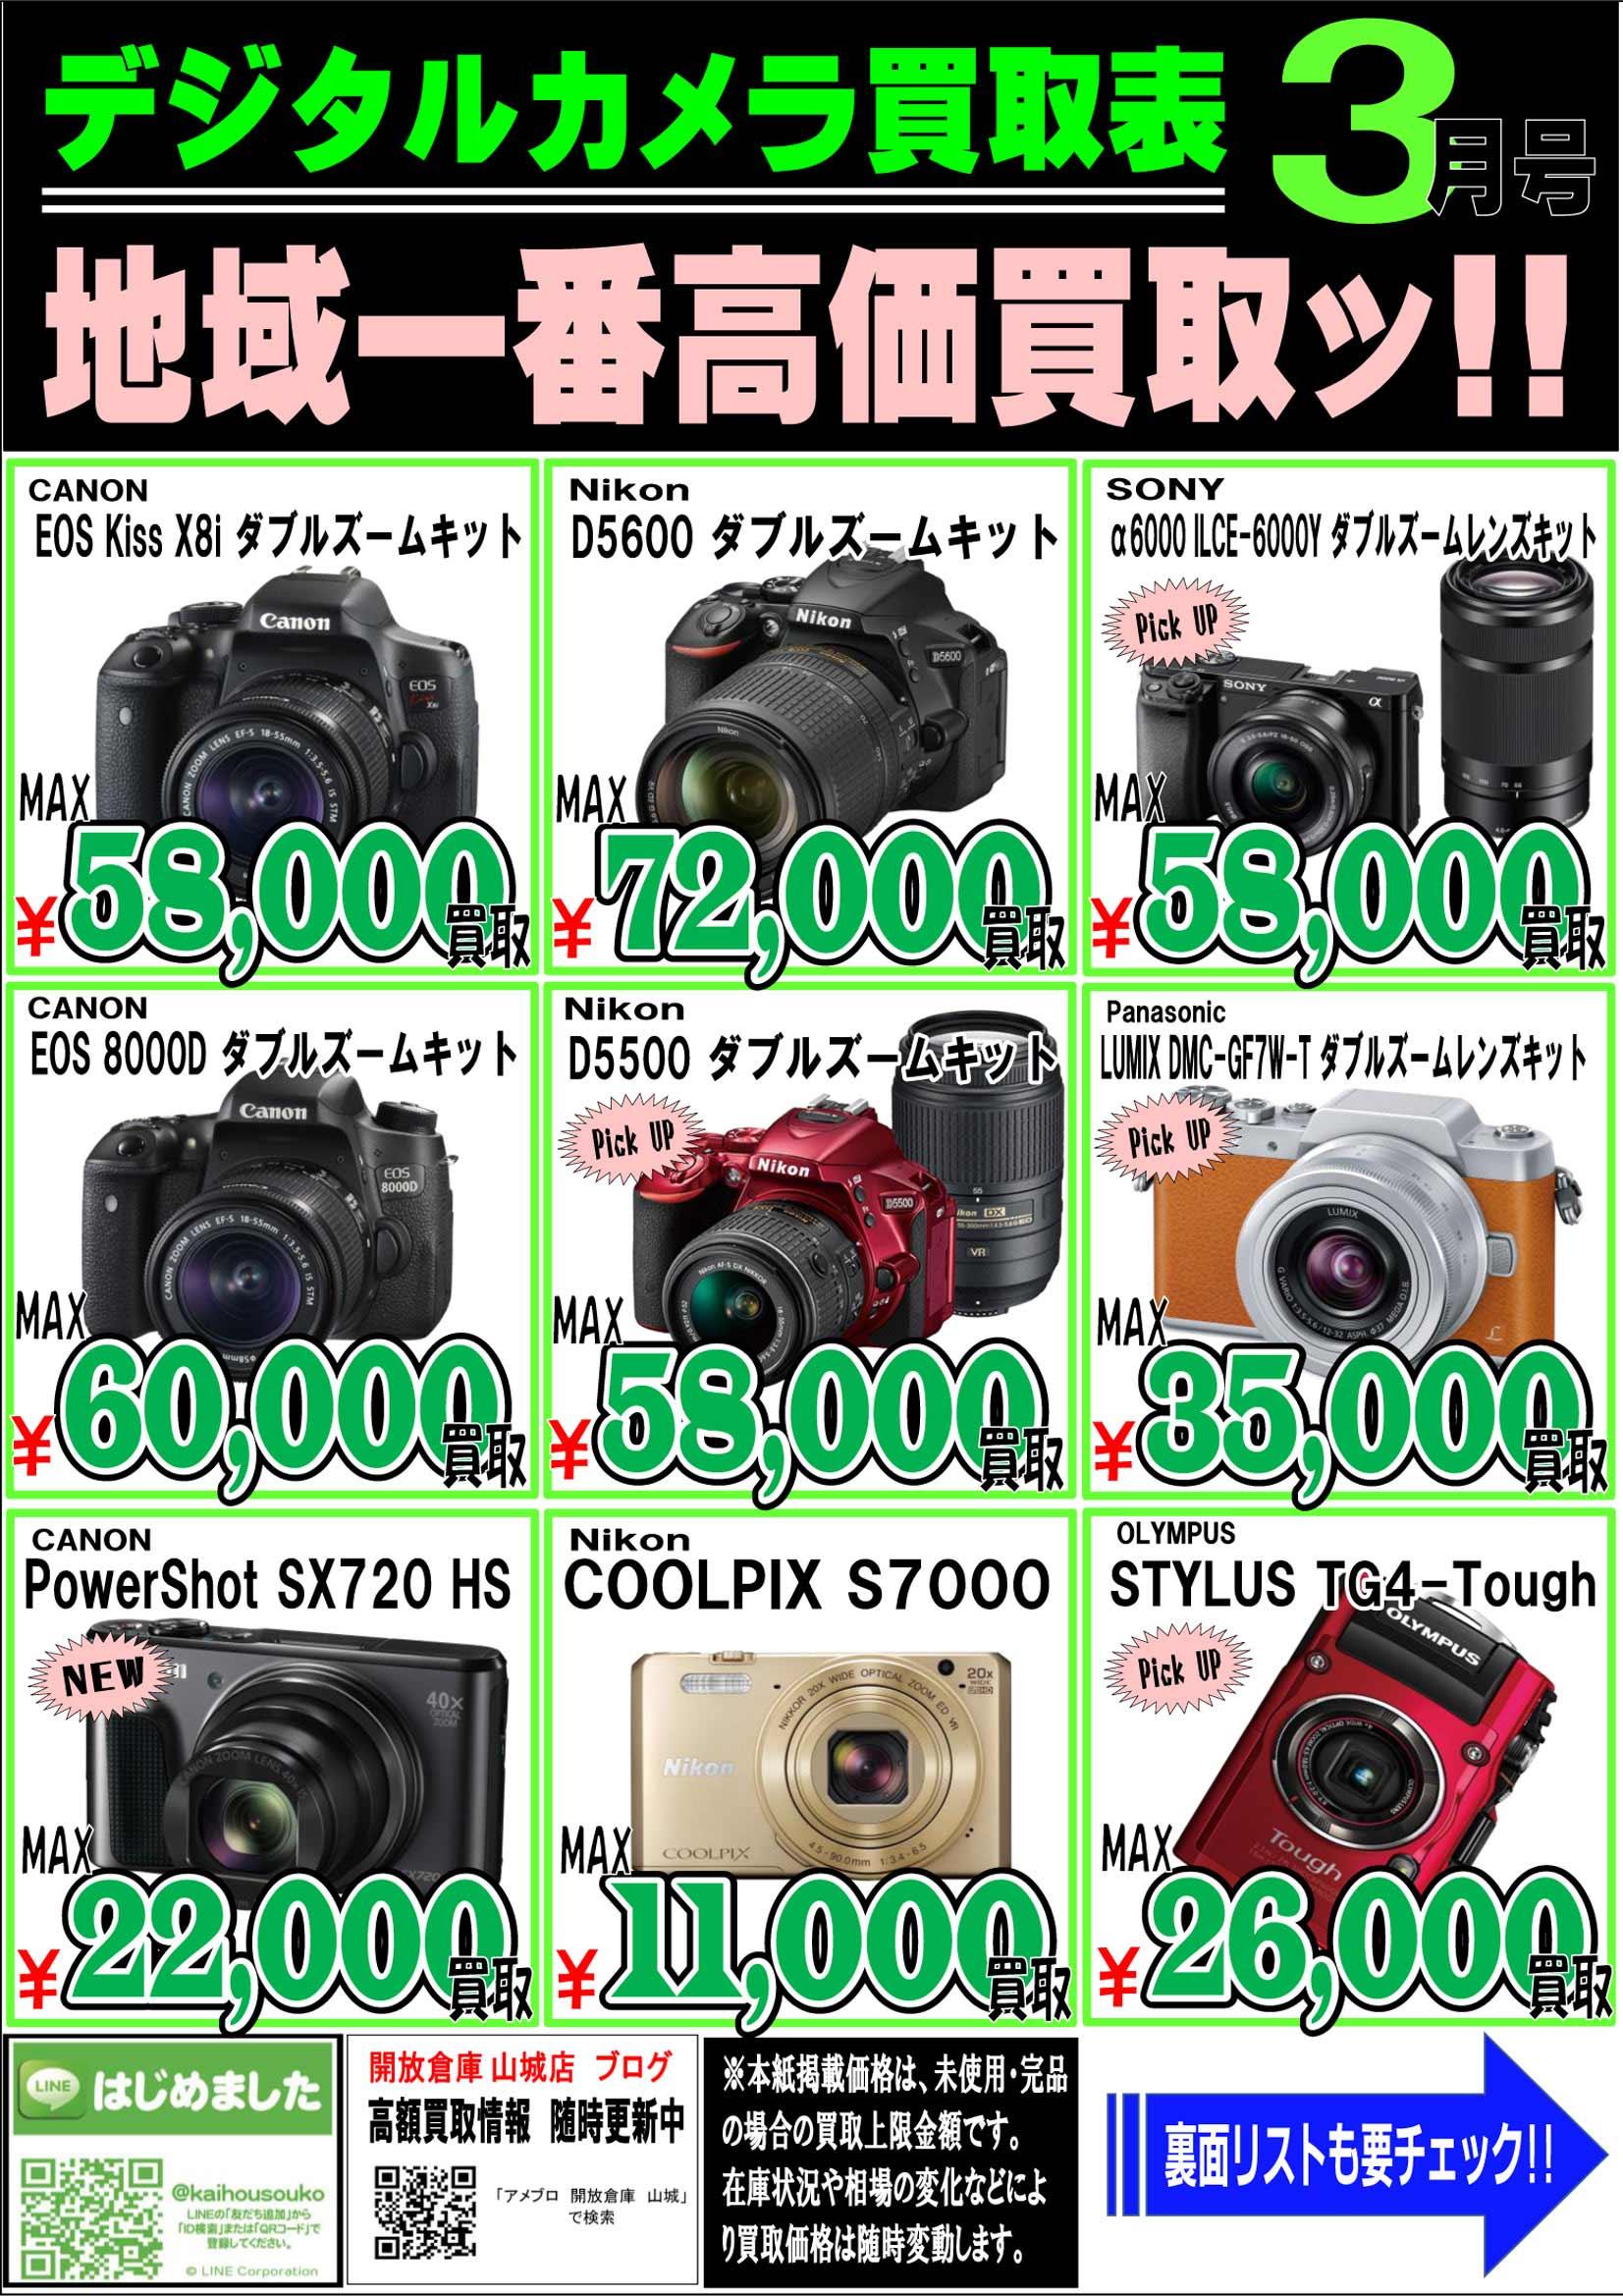 「開放倉庫山城店」2017年3月号デジタルカメラ買取表!地域一番高価買取ッ!!